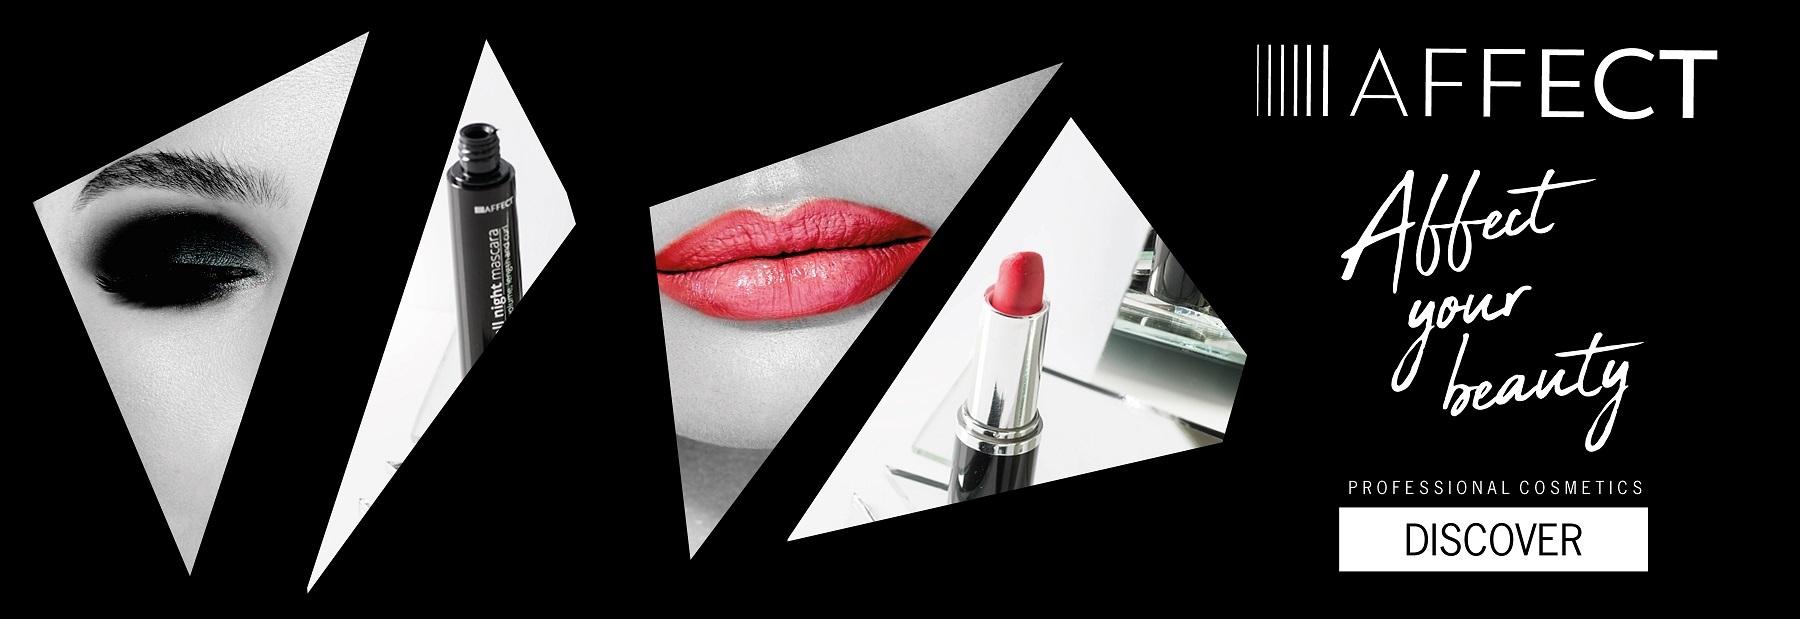 Affect profesionalios dekoratyvinės kosmetikos vizualas